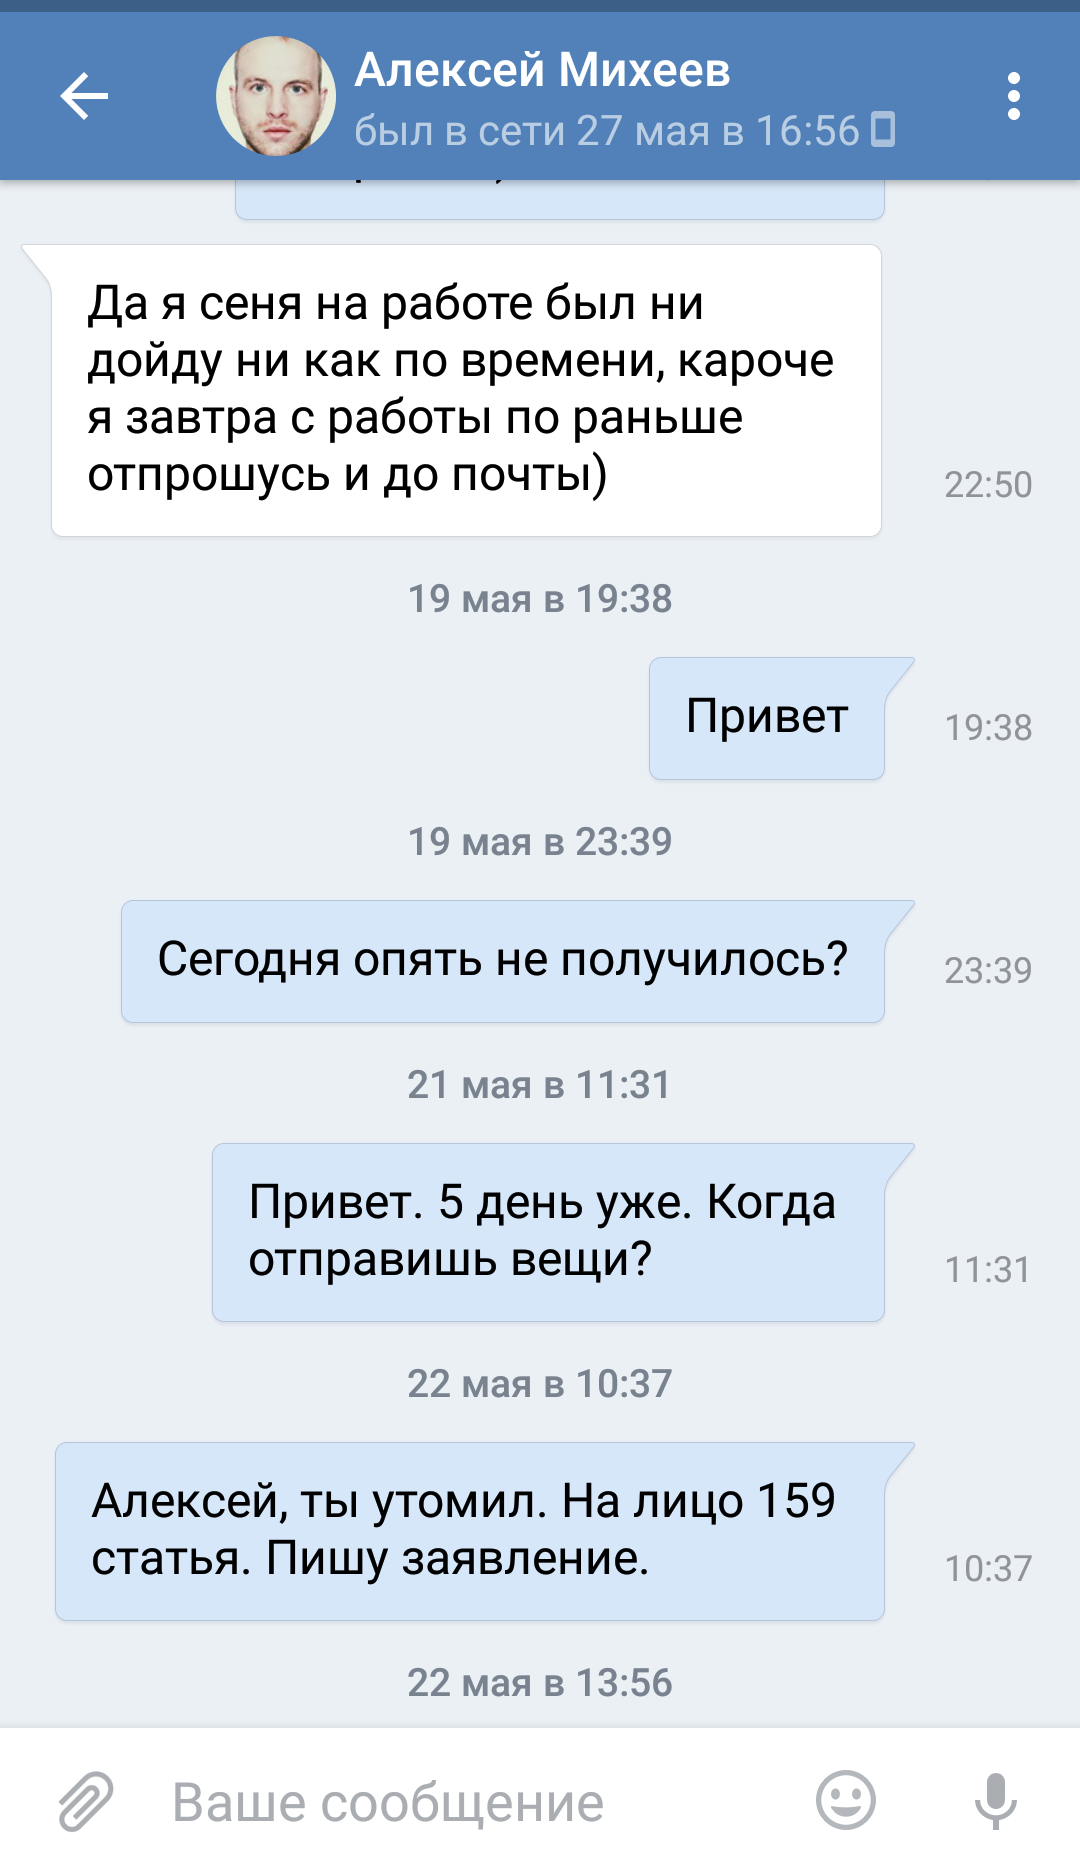 Статья 159 ук рф ➔ текст и комментарии. мошенничество.